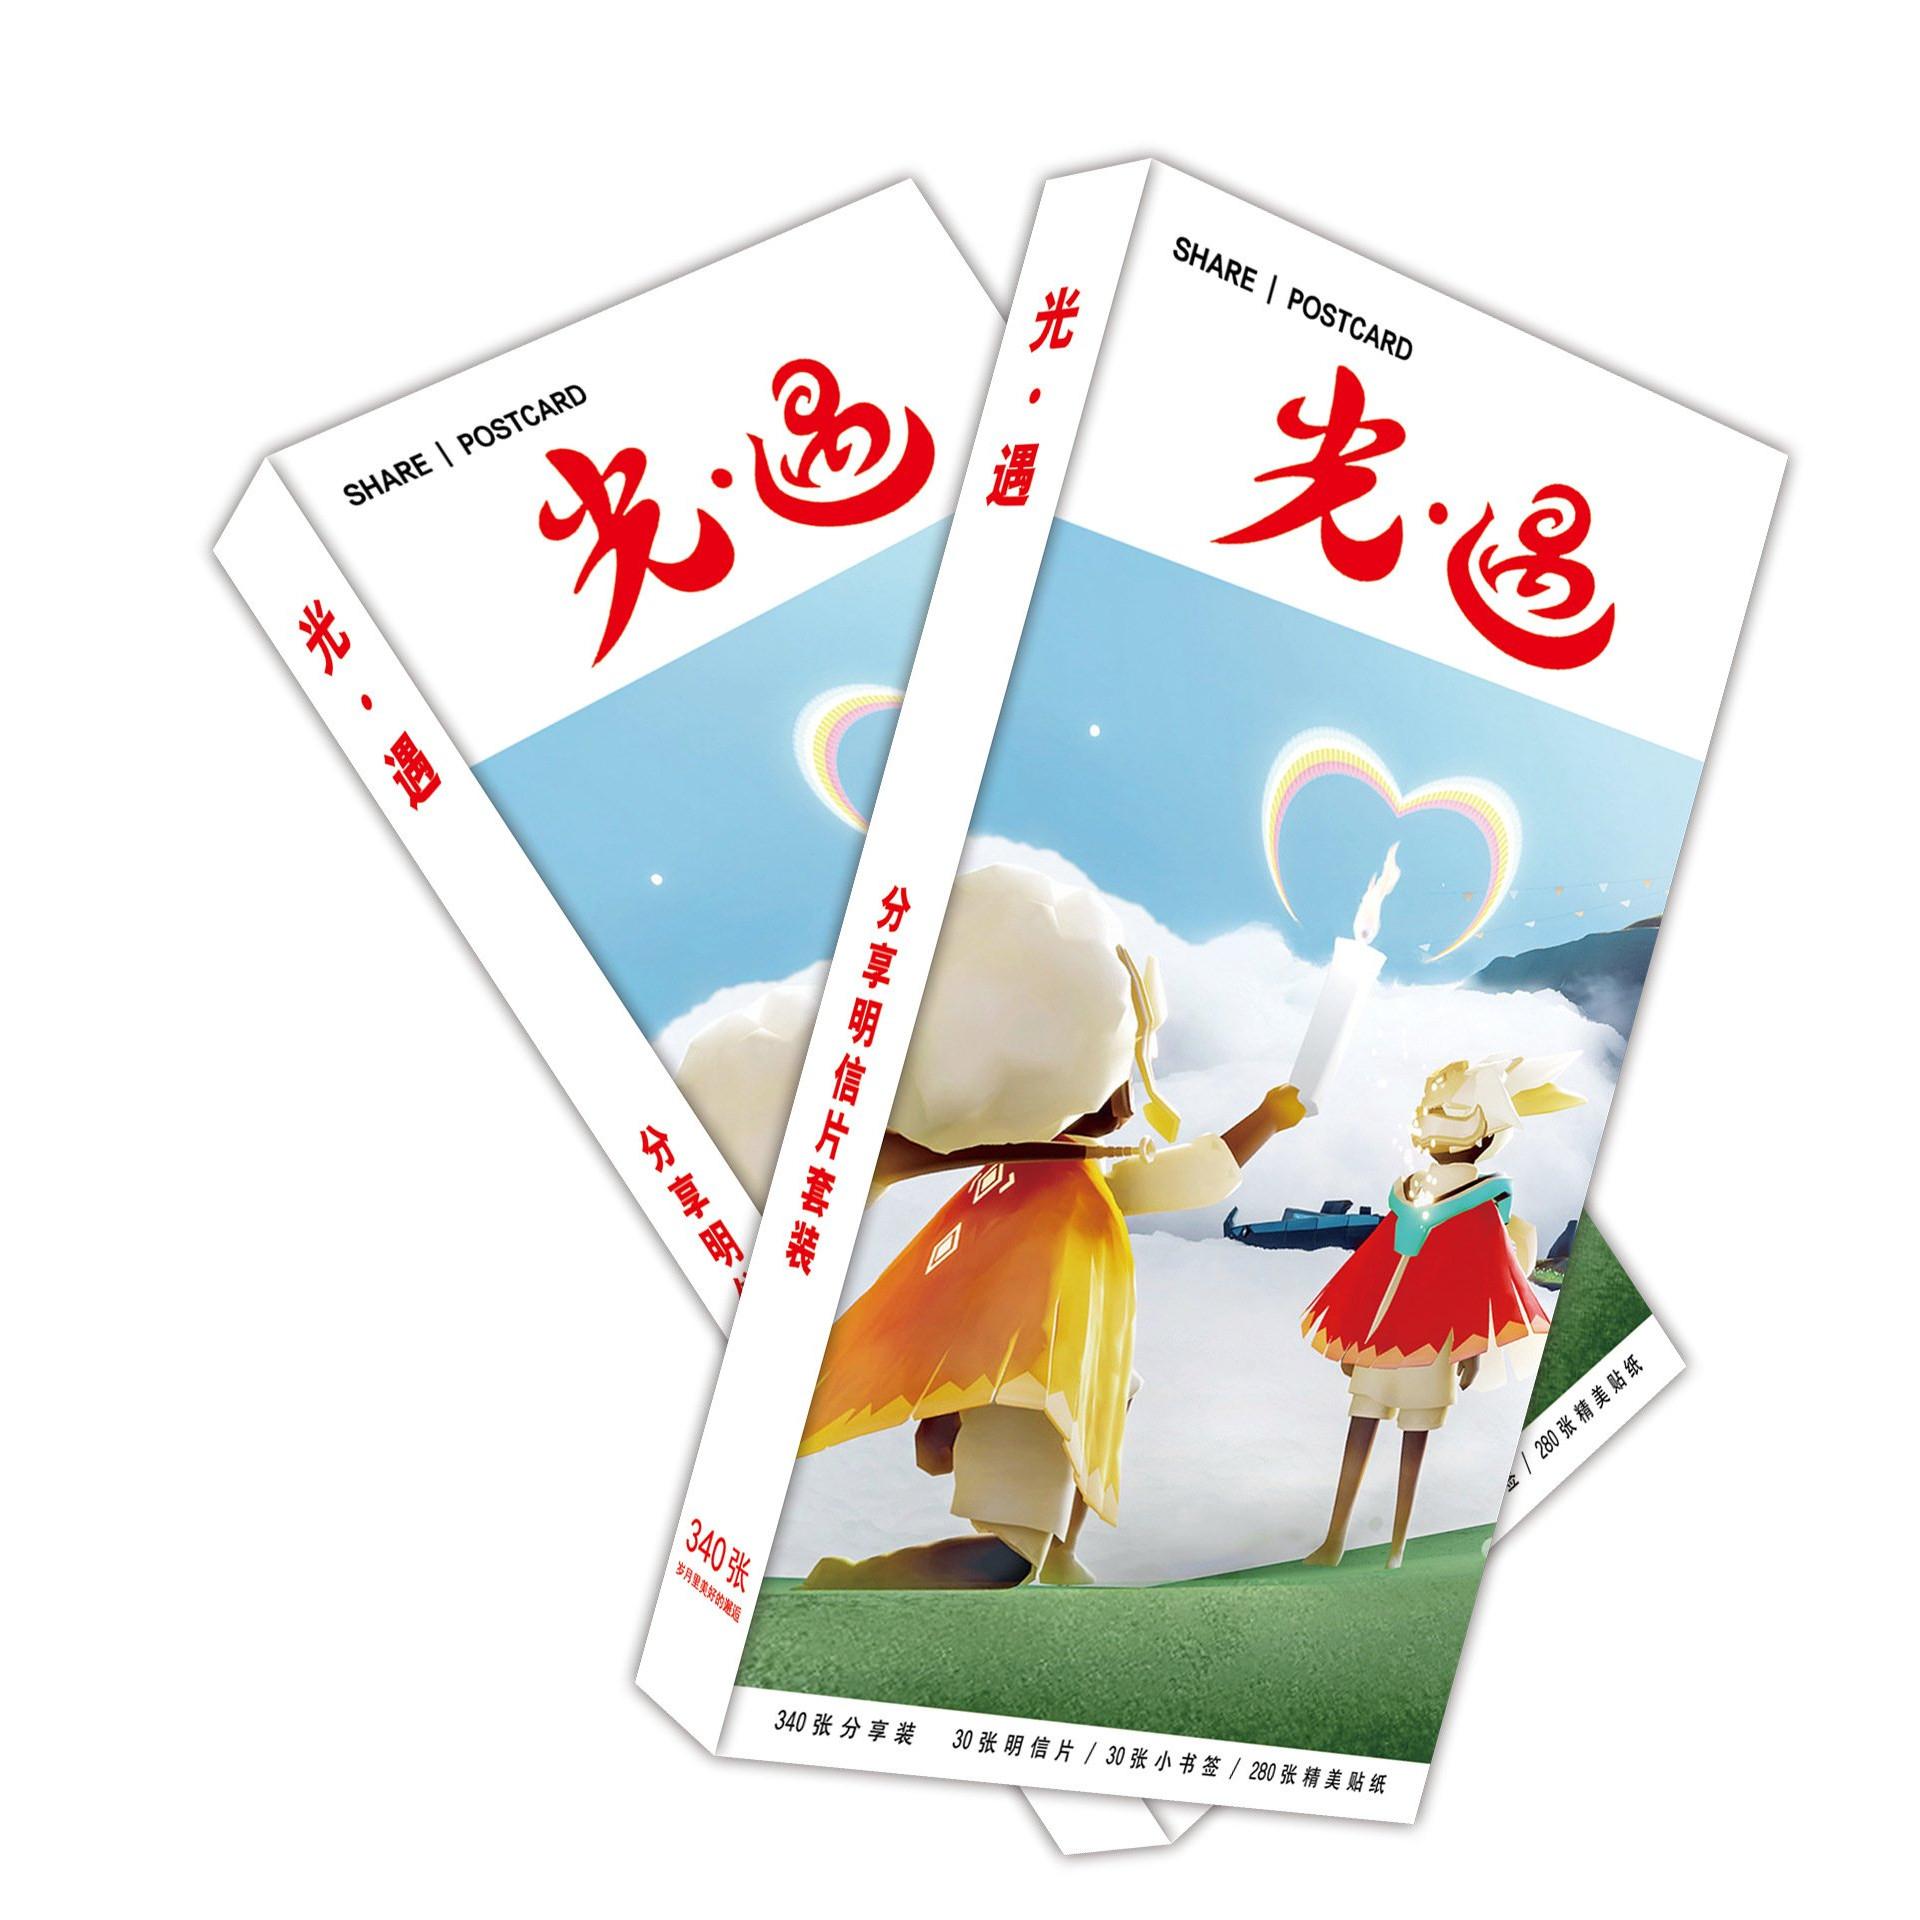 Hộp ảnh postcard SKY CHILDREN OF THE LIGHT mẫu mới 340 ảnh game